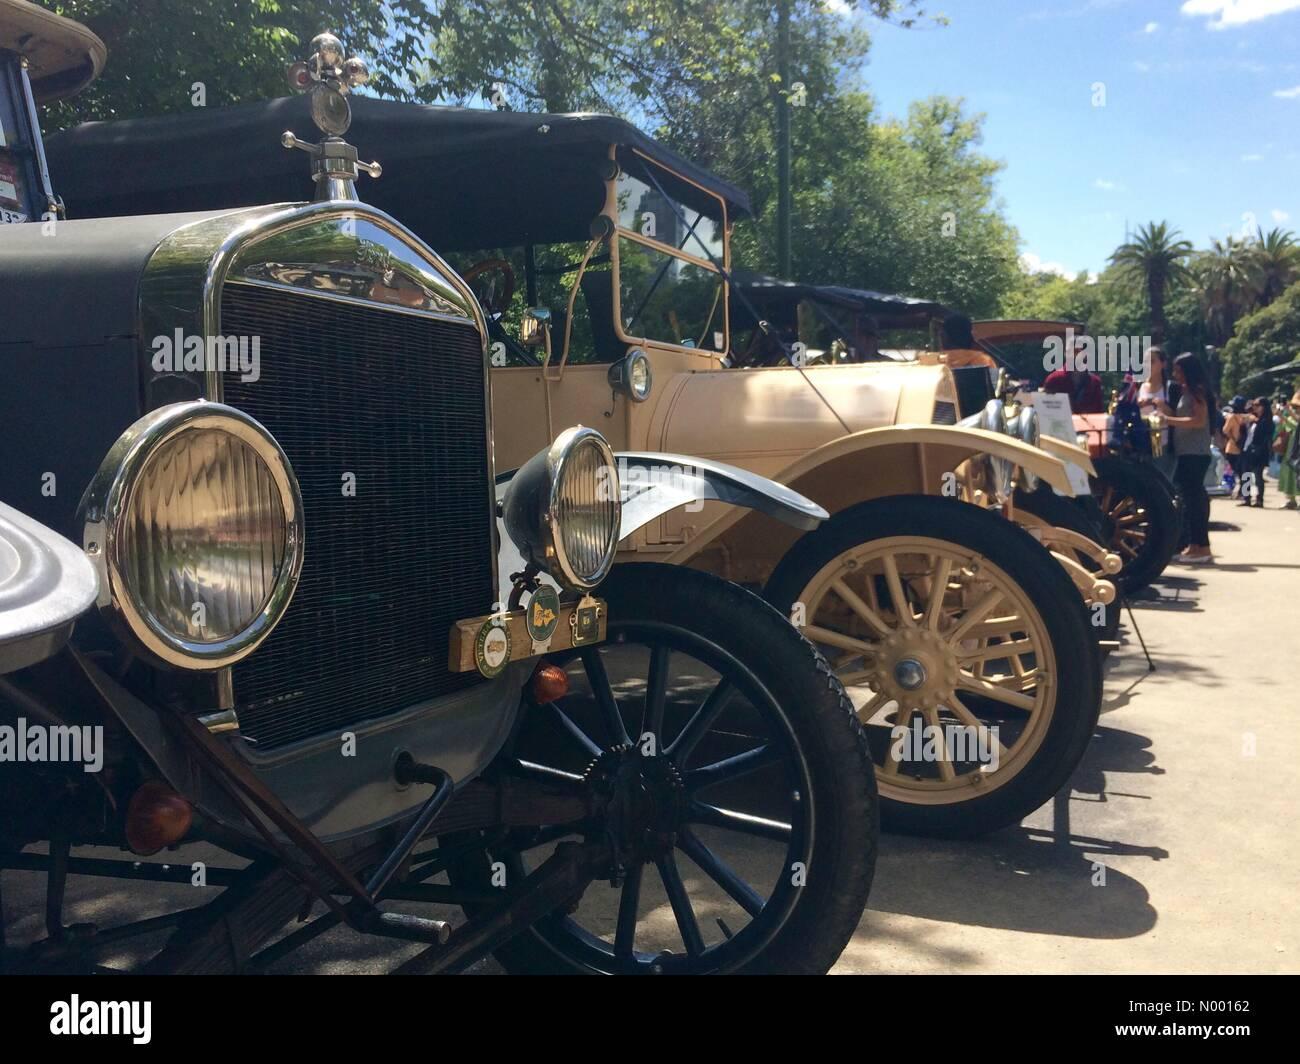 RACV Australie Russie jour affichage du véhicule, Kings Domain jardins, St Kilda Rd, Melbourne, Australie. Célébrations du Jour de l'Australie Banque D'Images